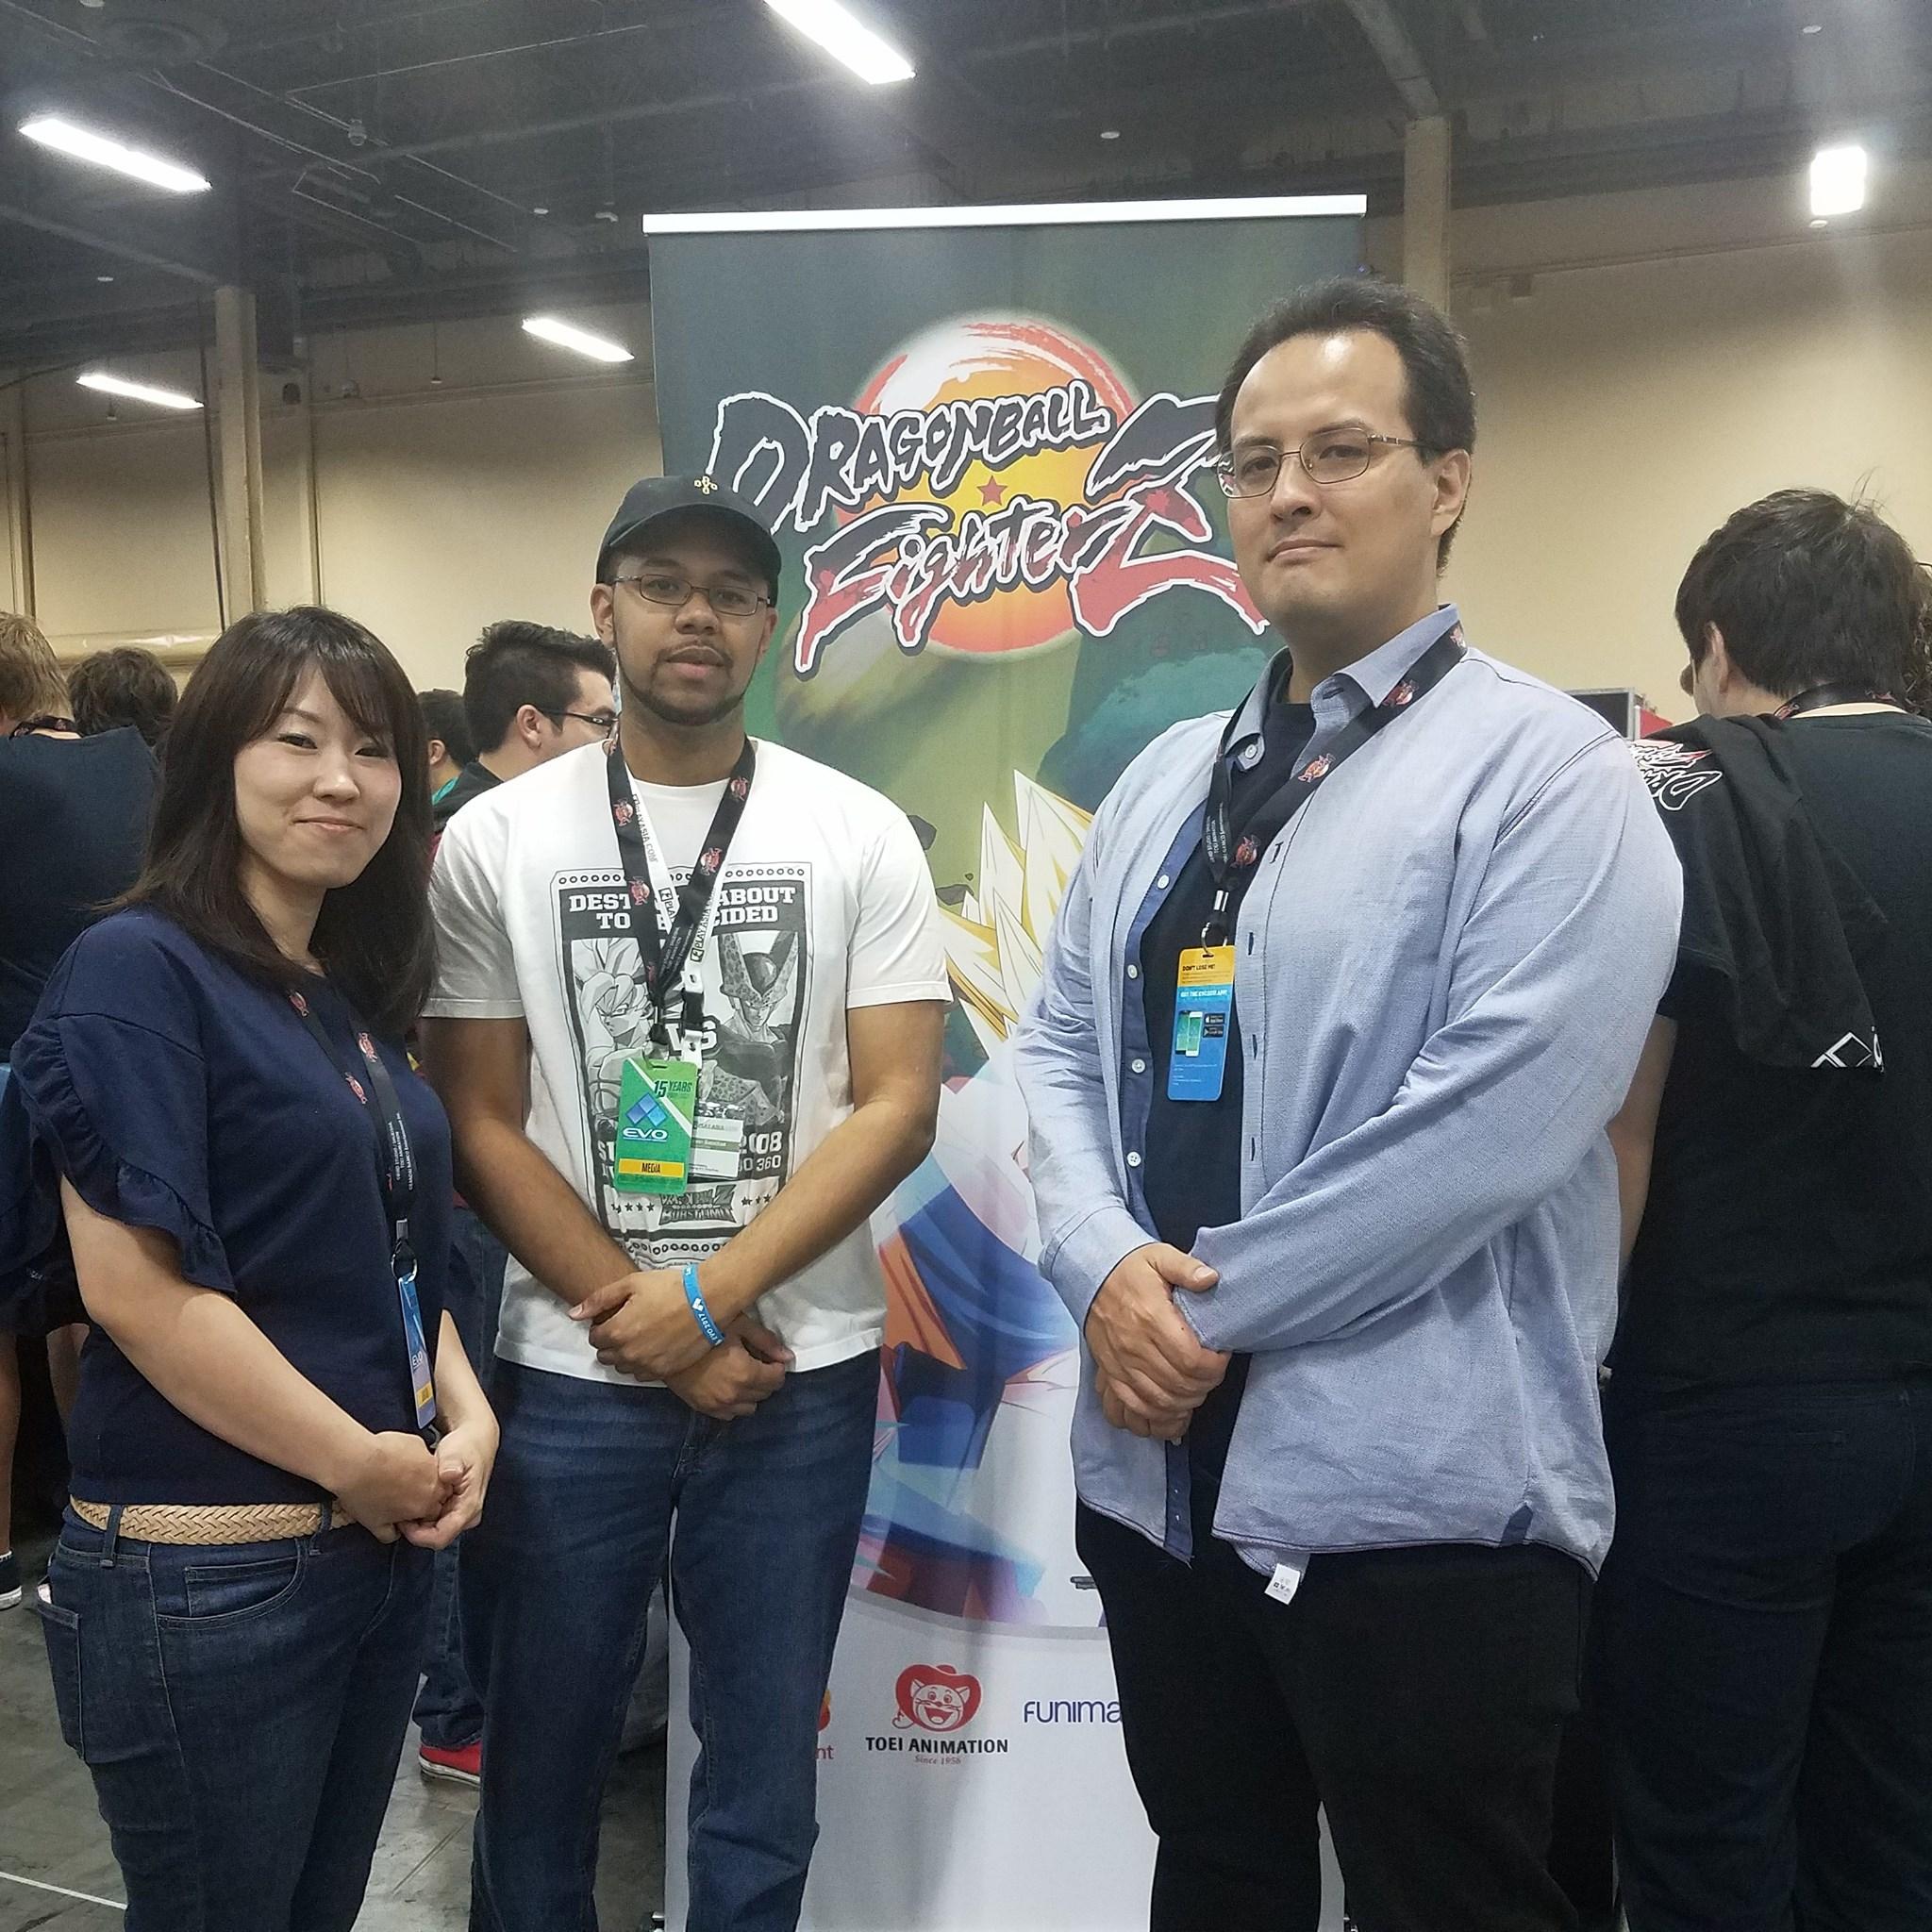 『ドラゴンボール ファイターズ』のSwitch版の発売の可能性についてプロデューサーが再び語る